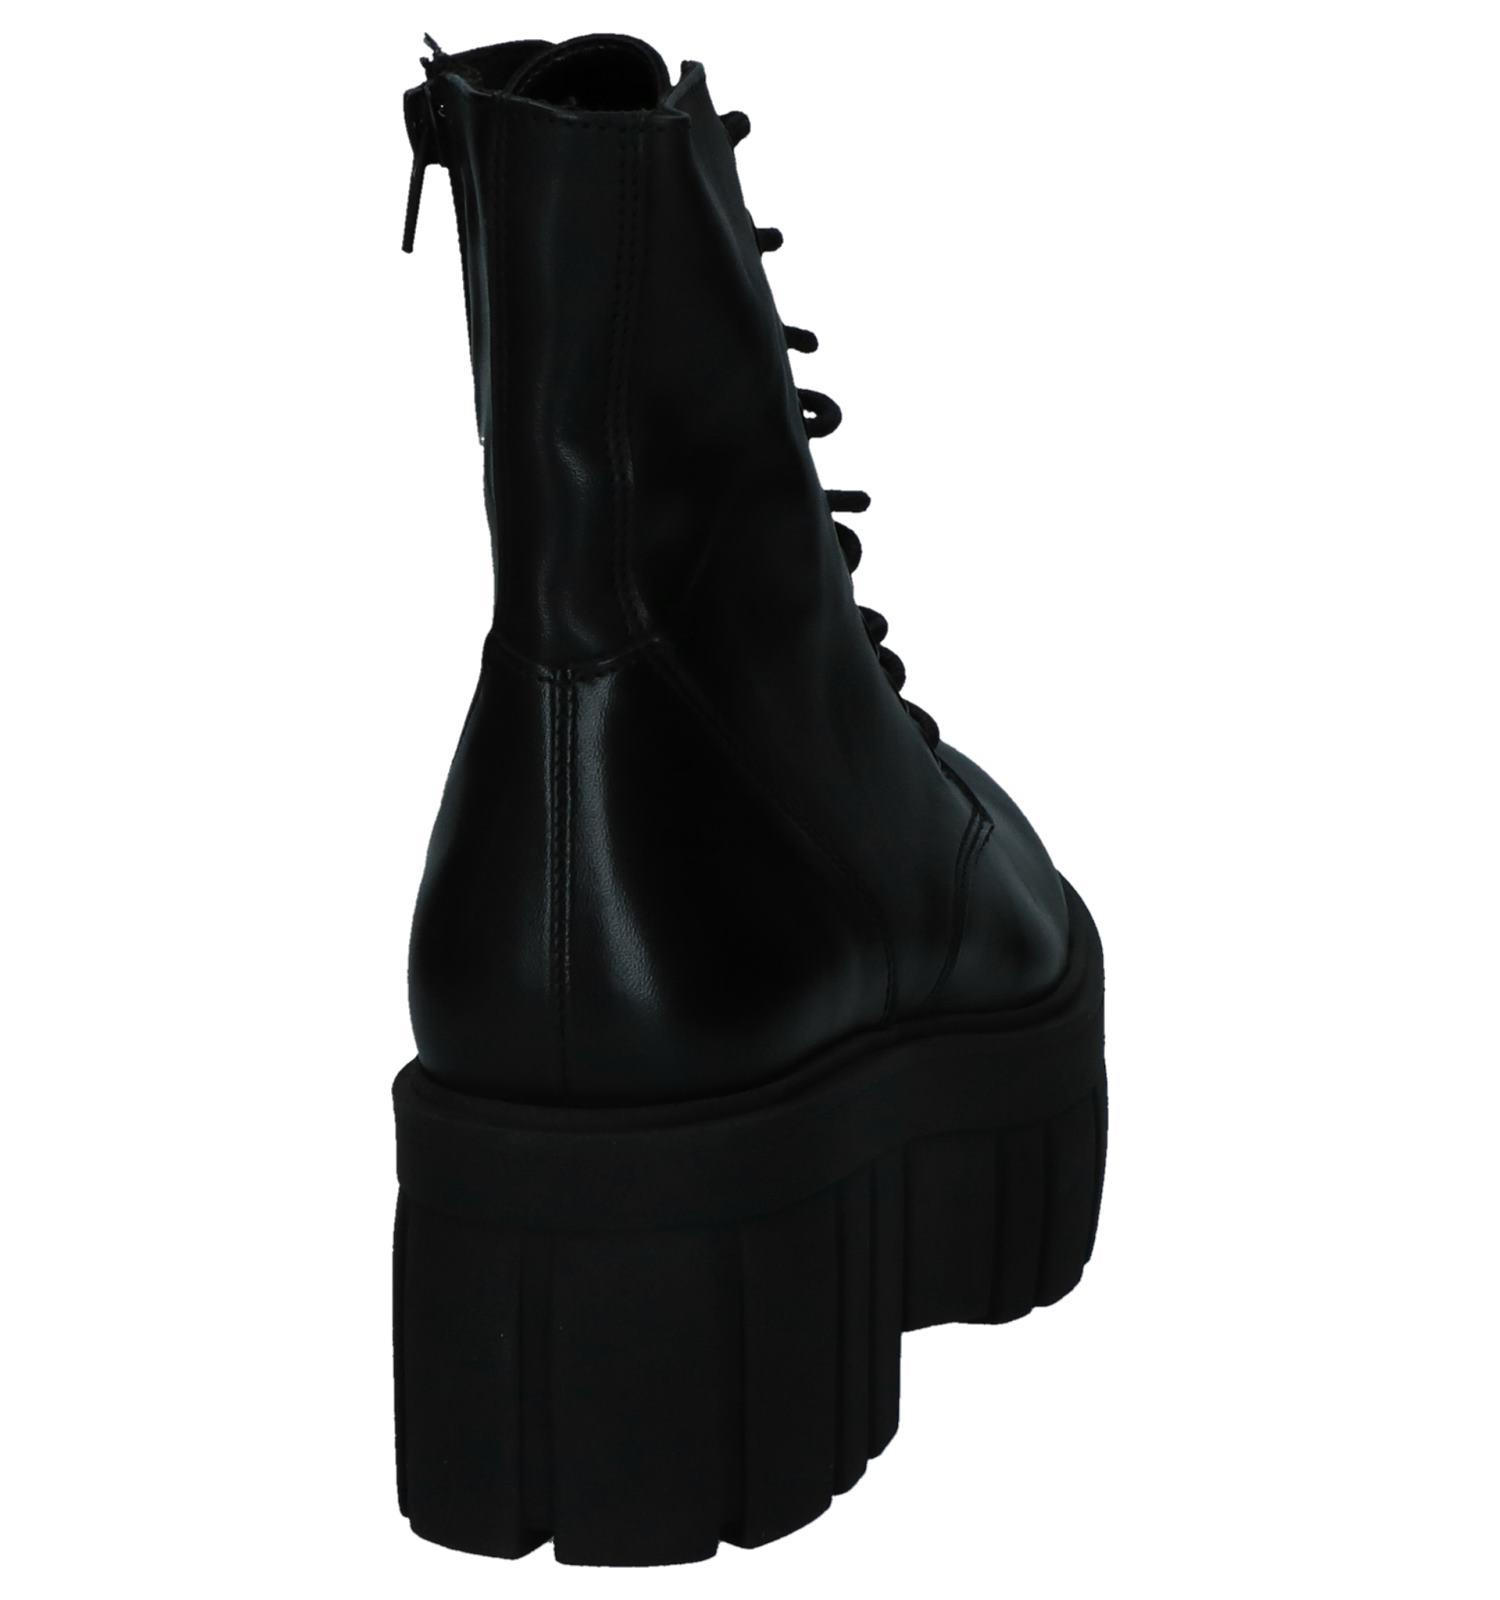 Dikke Spm Zwarte Zolen Brave Met Boots GqSzpMVjLU